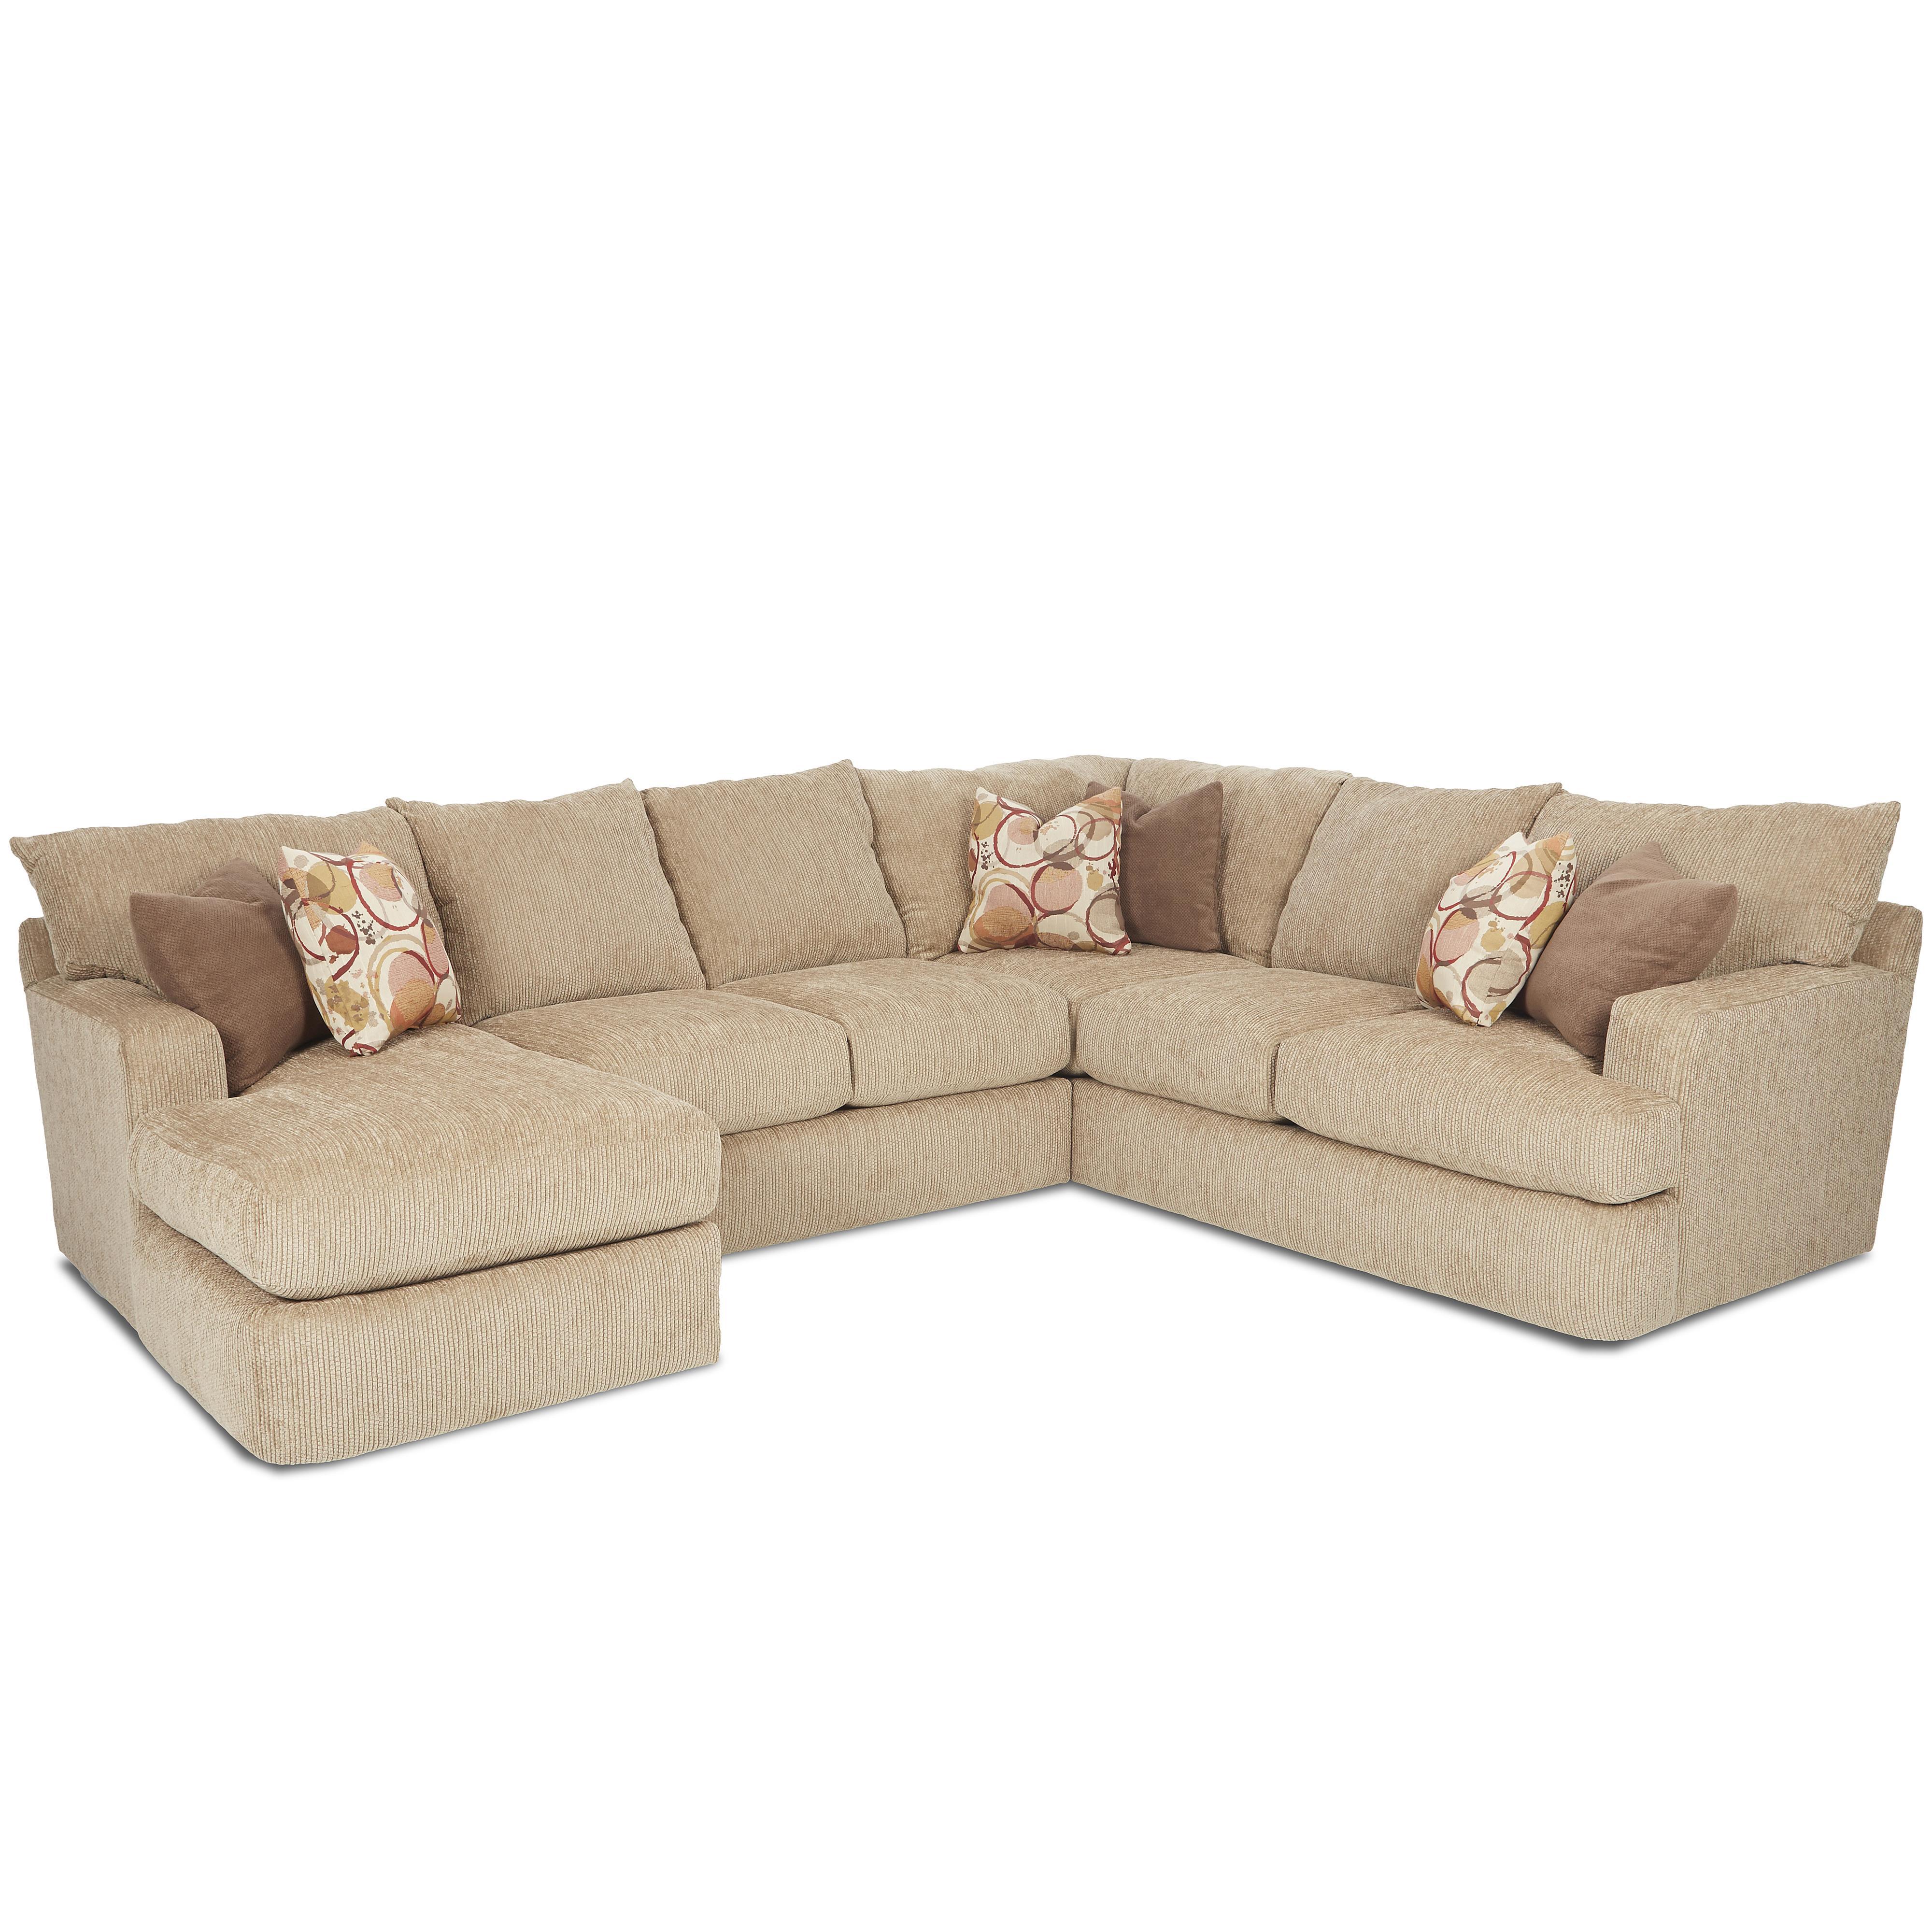 Klaussner Oliver Sectional Sofa - Item Number: K41400RCRNS+K41400ALS+K41400LCHASE